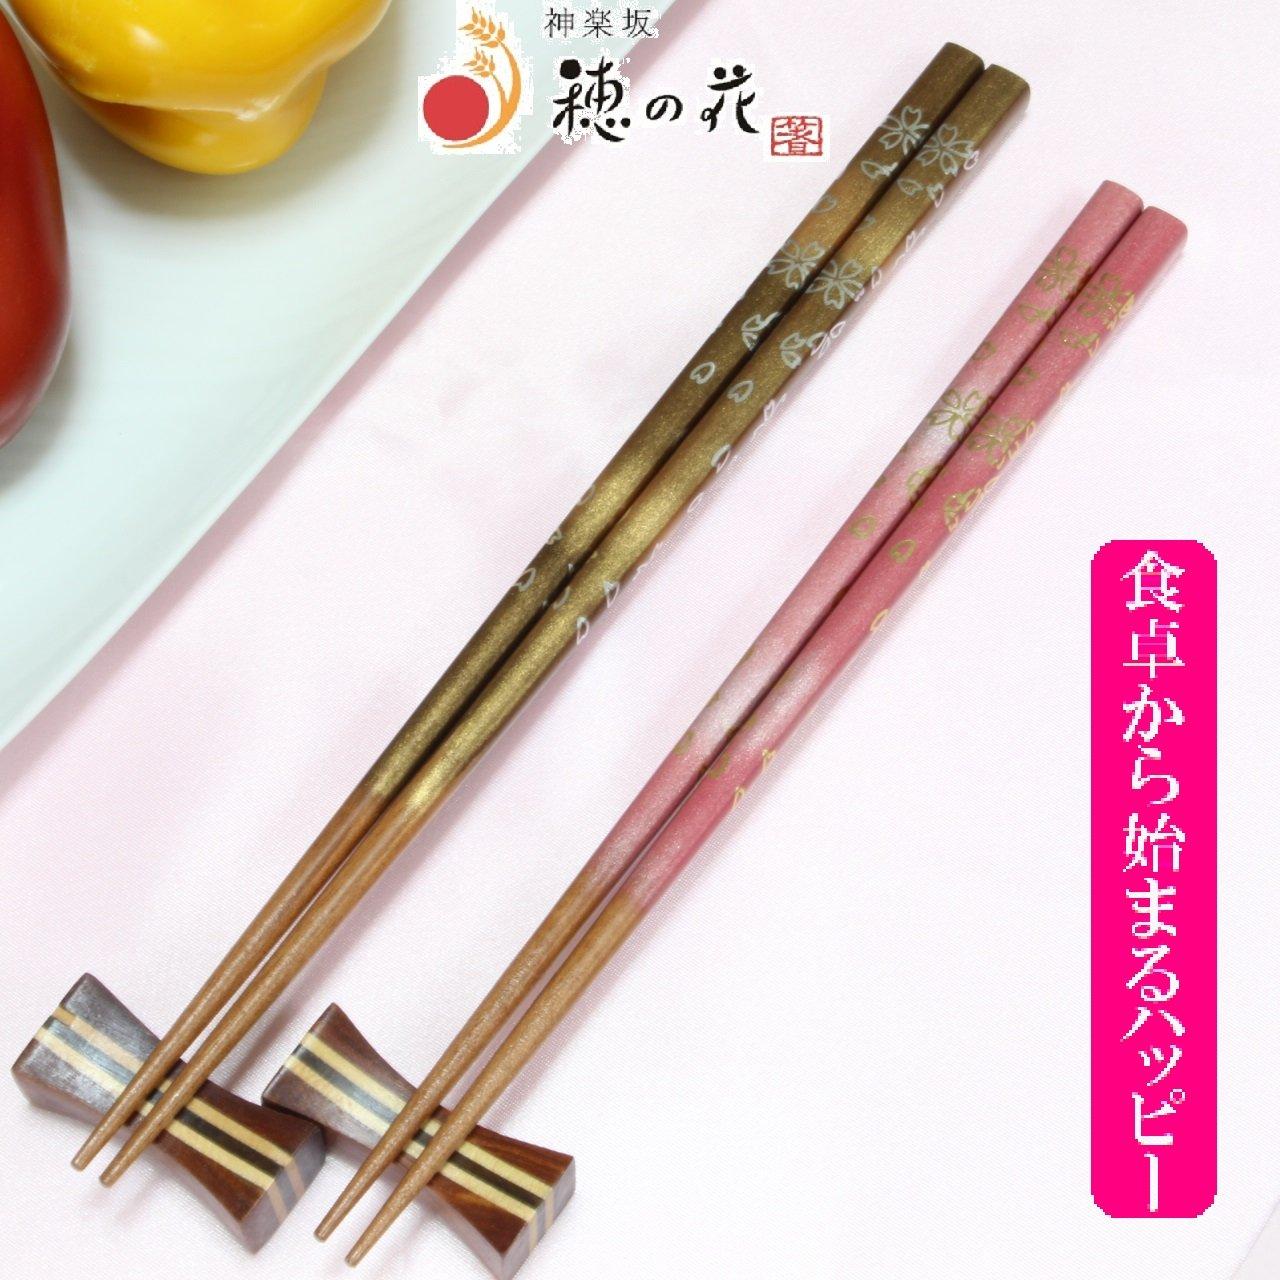 桜の木で作られた夫婦箸